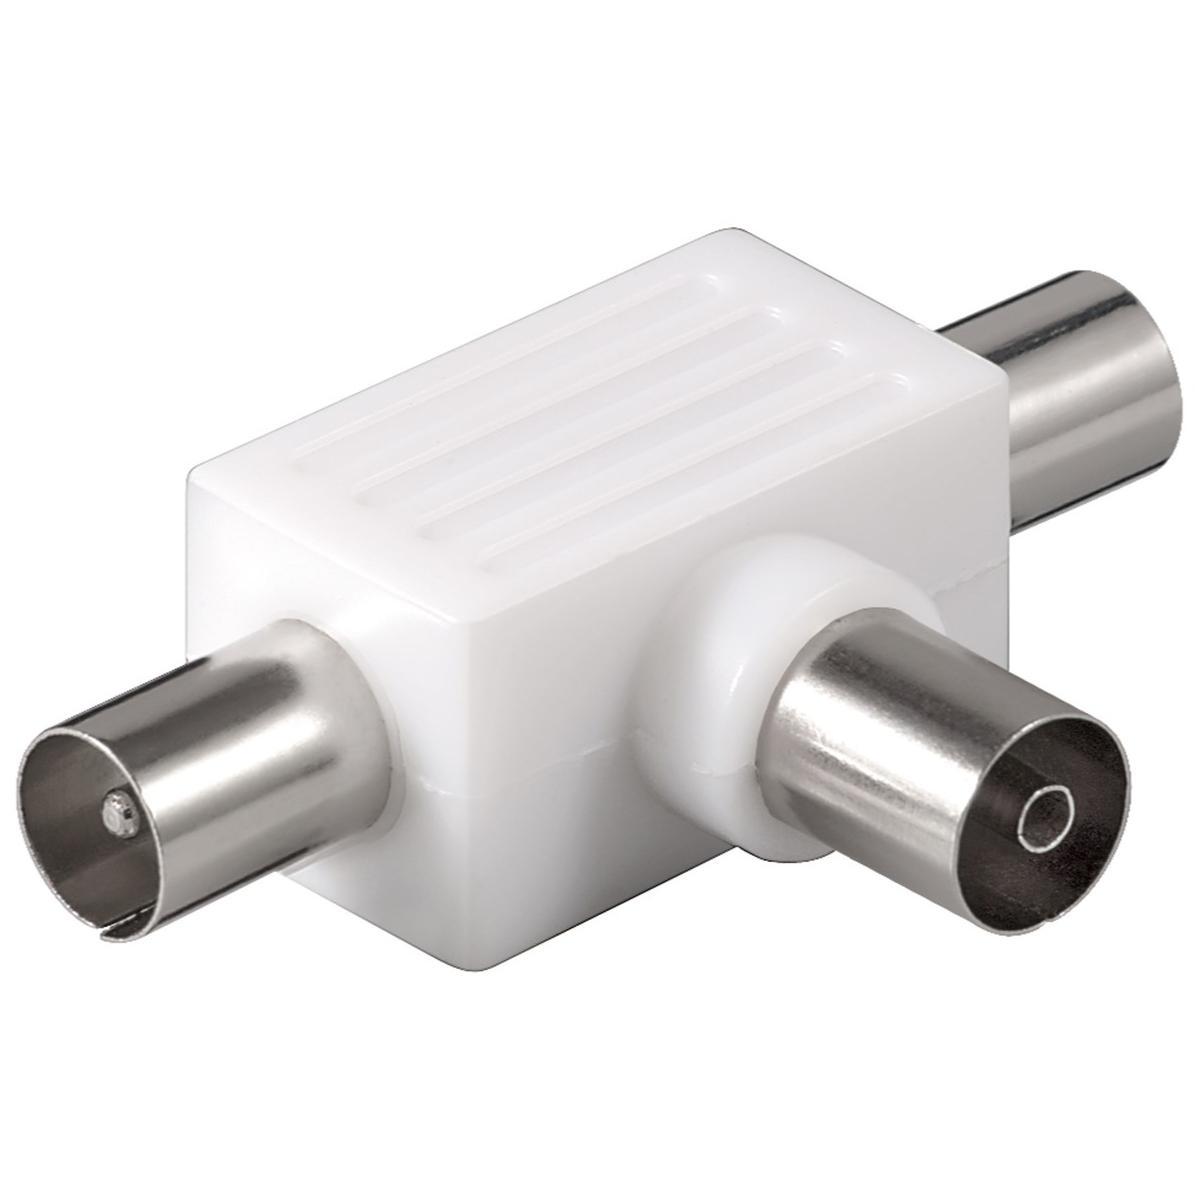 Favoriete Coaxsplitter voor analoog of digitaal signaal bij Allekabels OS64